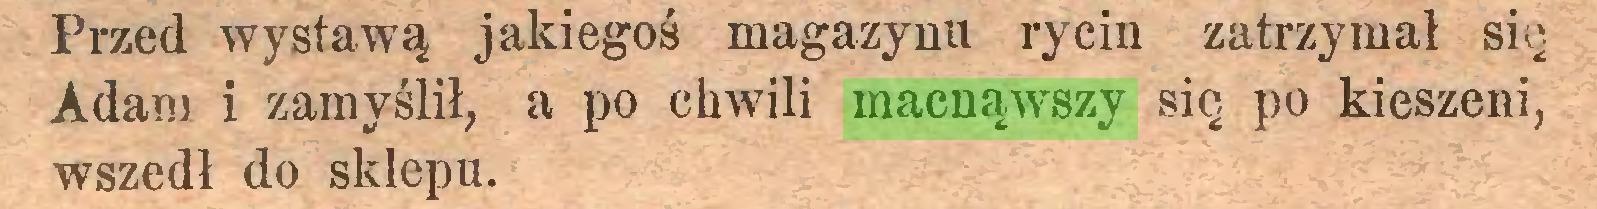 (...) Przed wystawą jakiegoś magazynu rycin zatrzymał się Adam i zamyślił, a po chwili macnąwszy się po kieszeni, wszedł do sklepu...